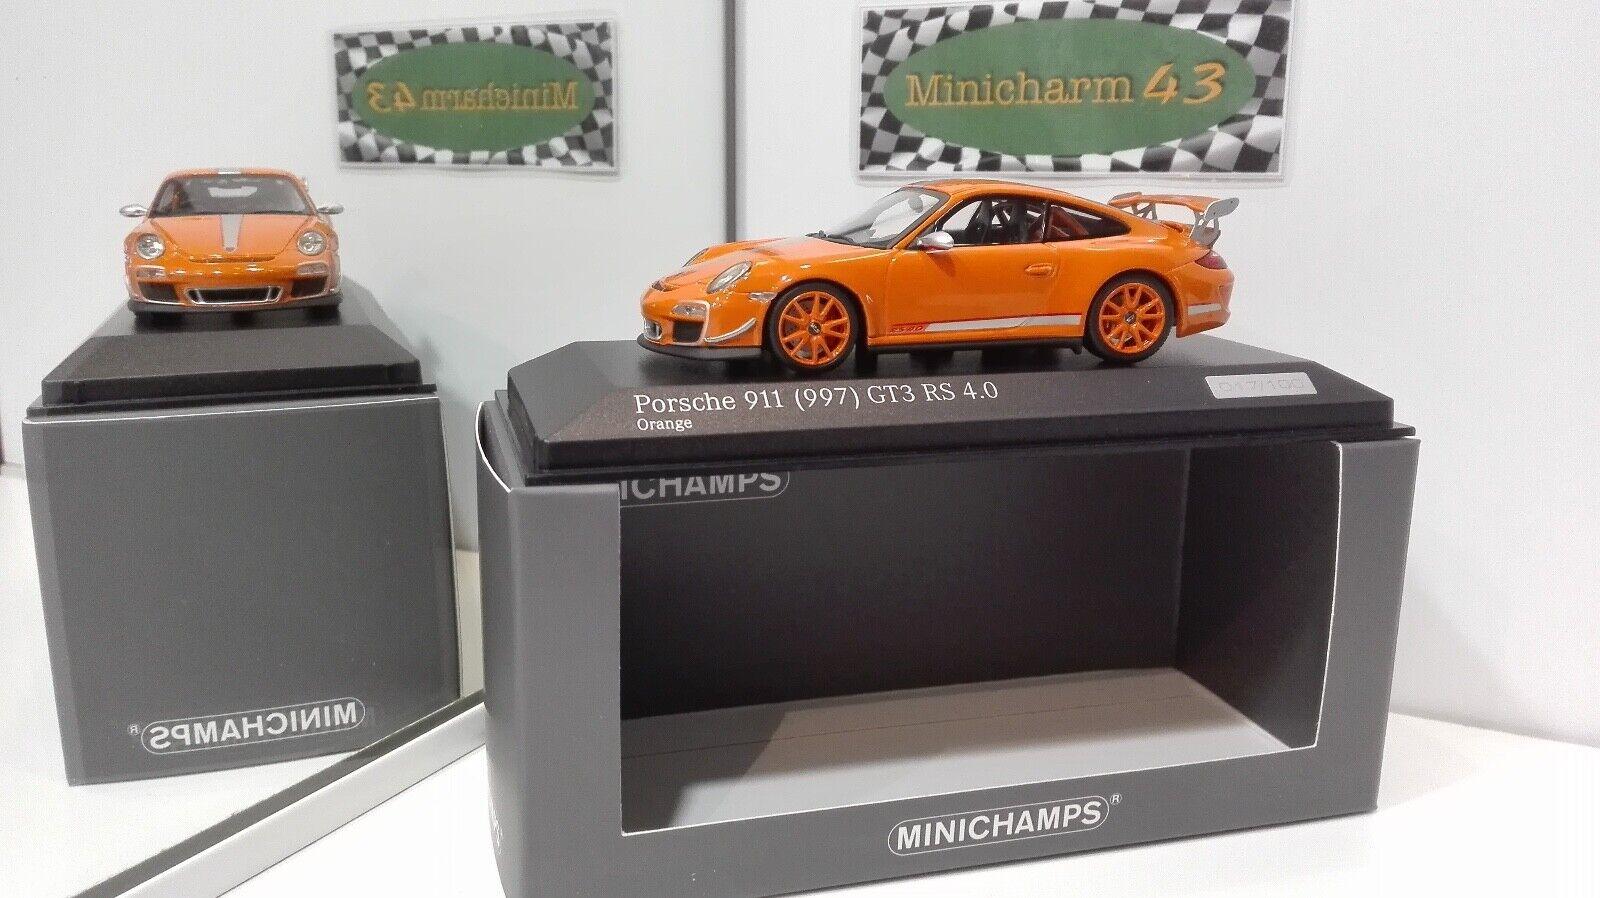 Minichamps 1 43 Porsche 911 997 (II) GT3 RS 4.0 2011 Orange  1 of 100